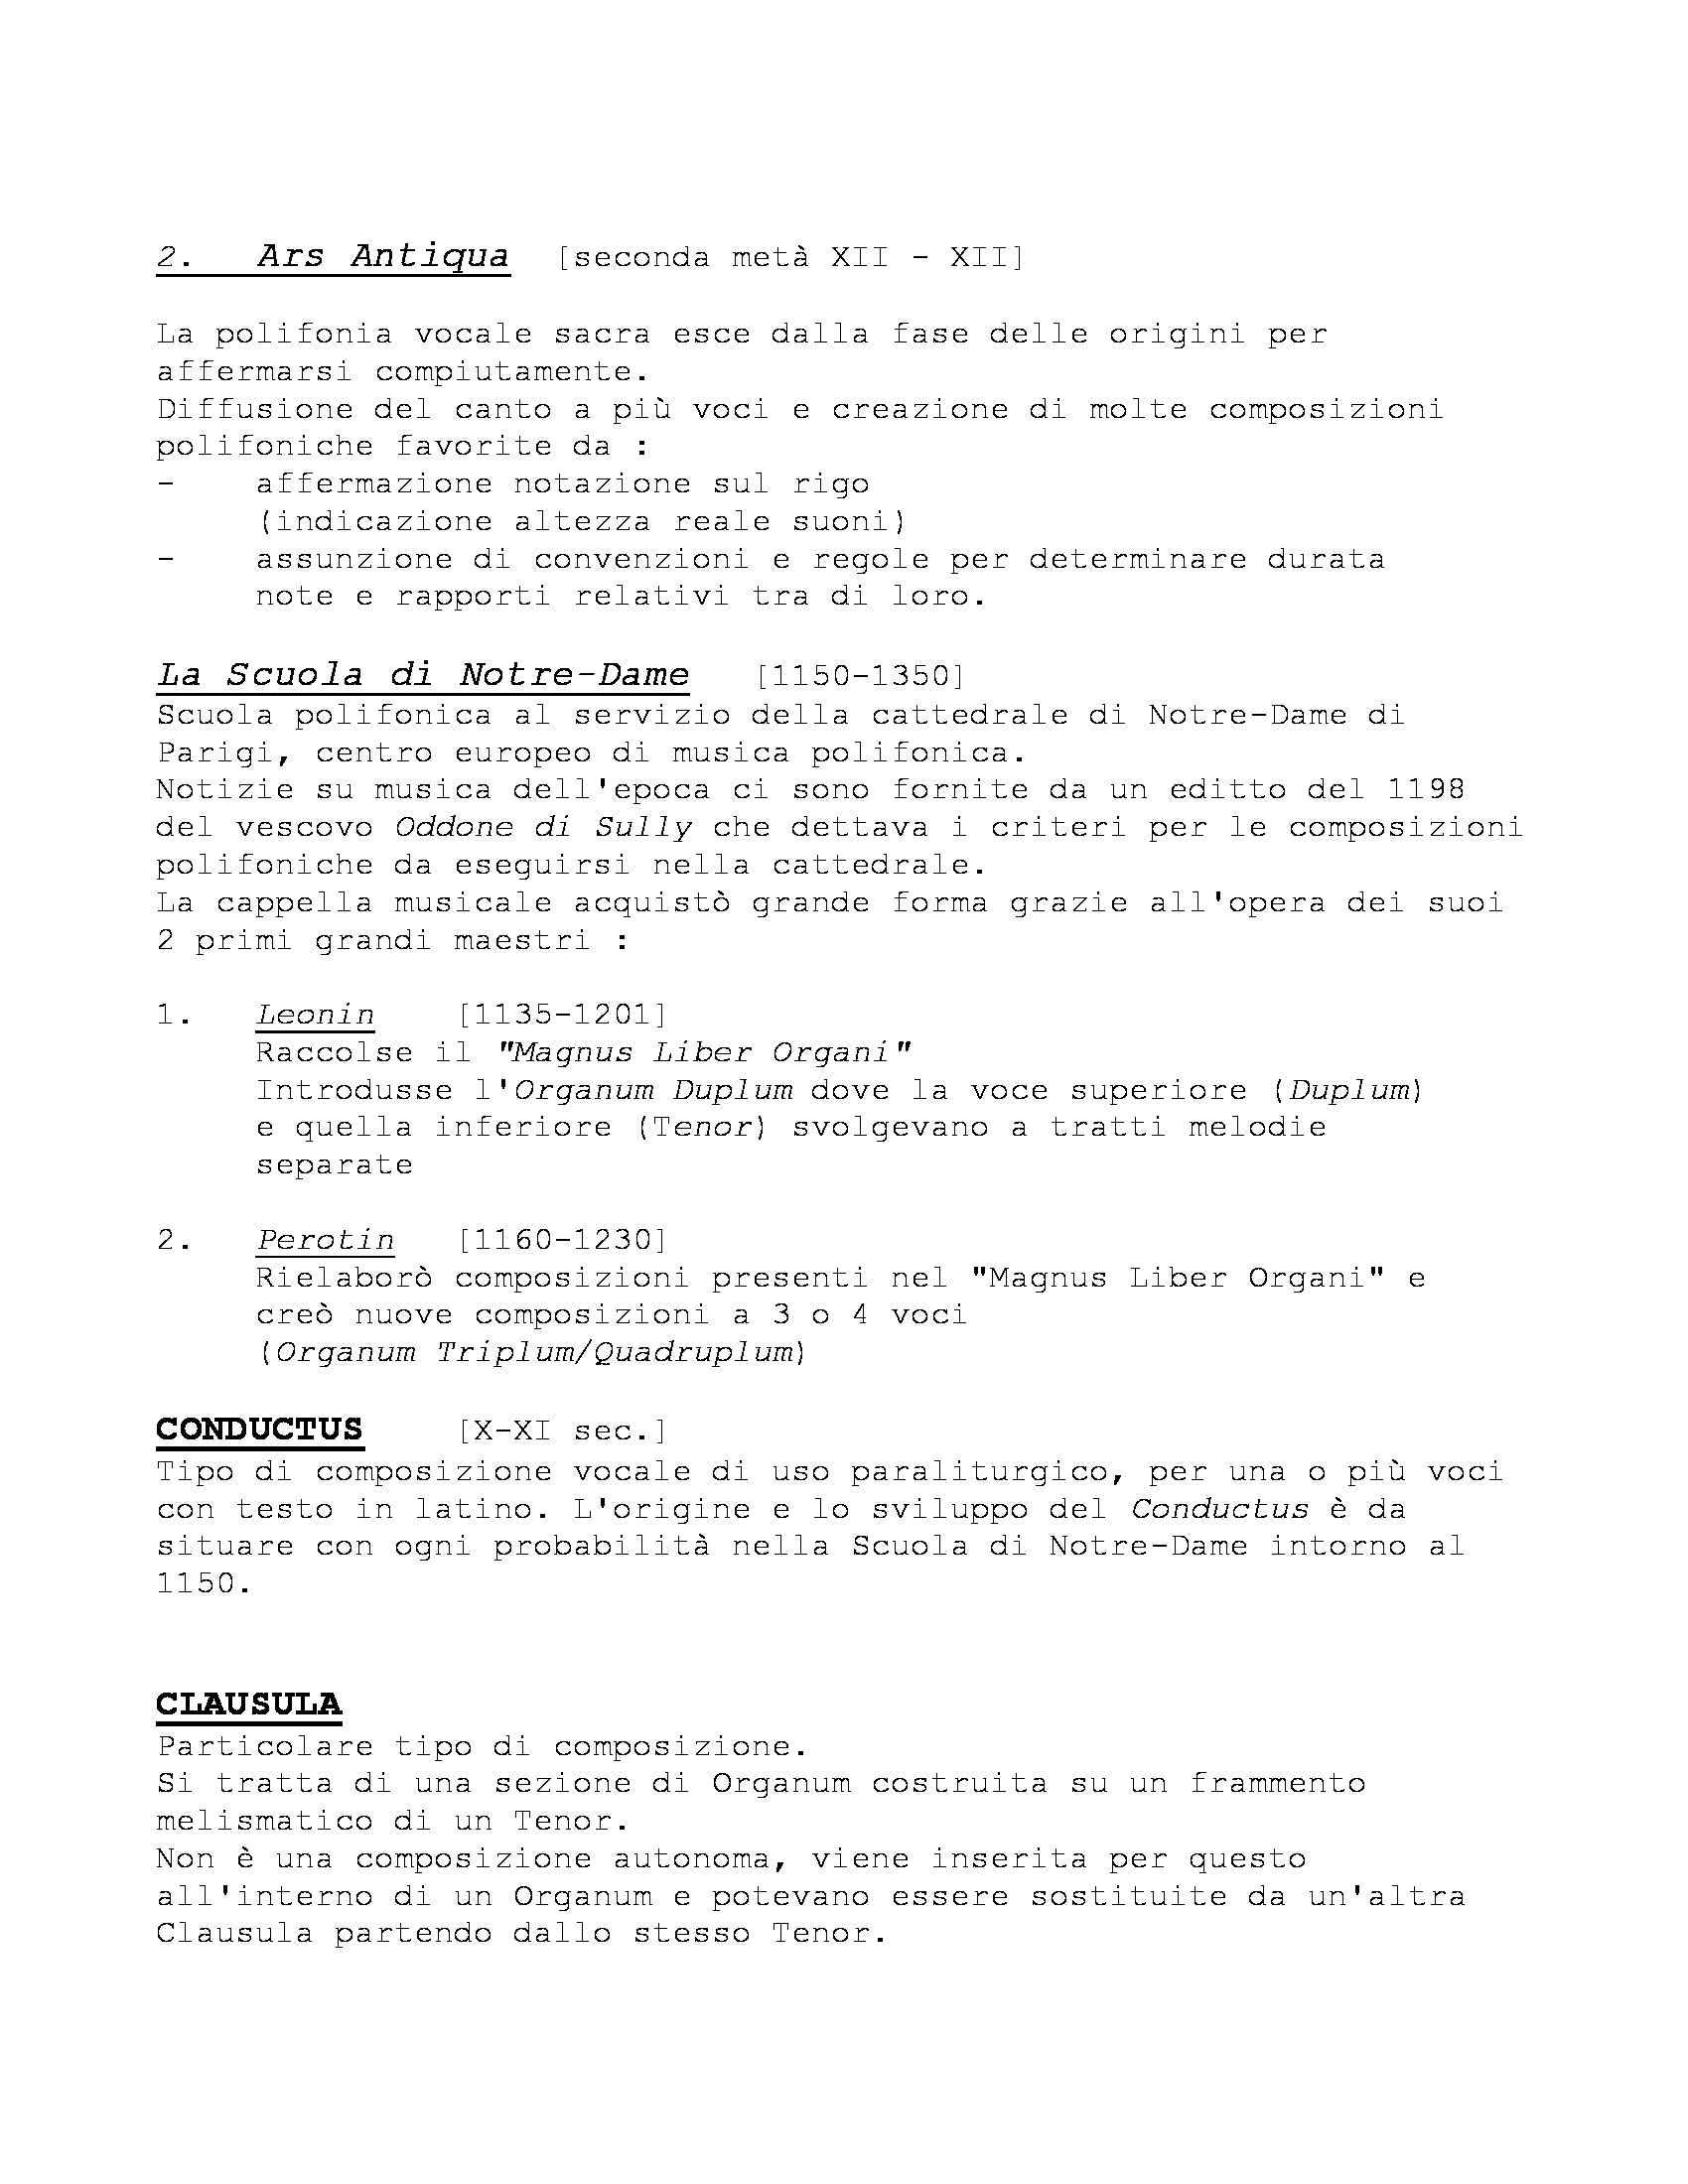 Storia delle Forme e Repertori Musicali 1 - Appunti Pag. 11